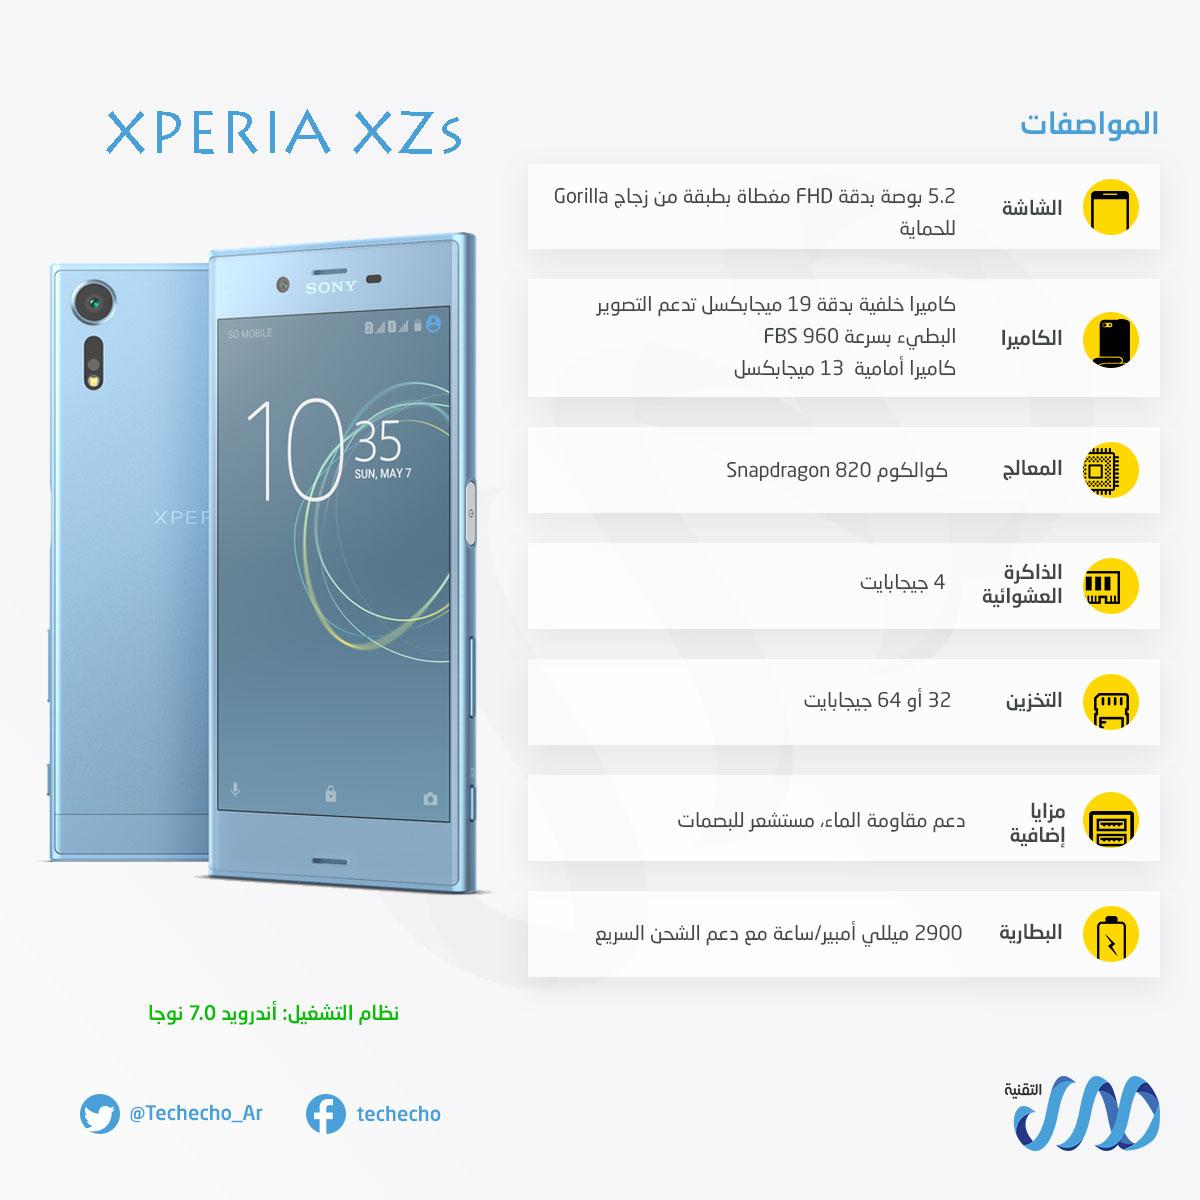 مواصفات سوني Xperia XZs